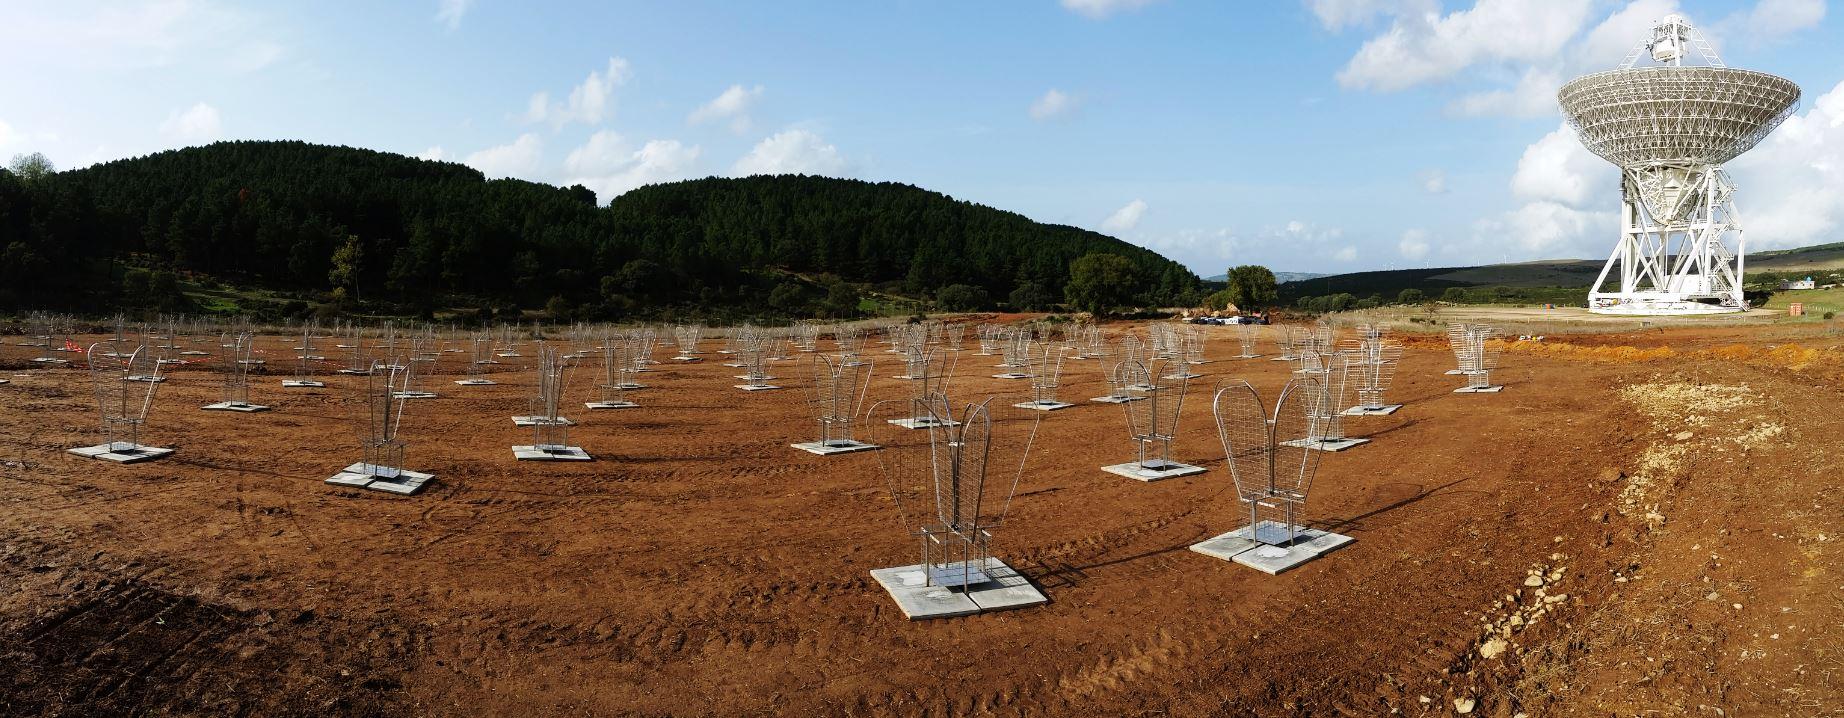 Le 128 antenne Vivaldi di Sad, il Sardinia Aperture-array Demonstrator, installate nei giorni scorsi presso il sito di Srt